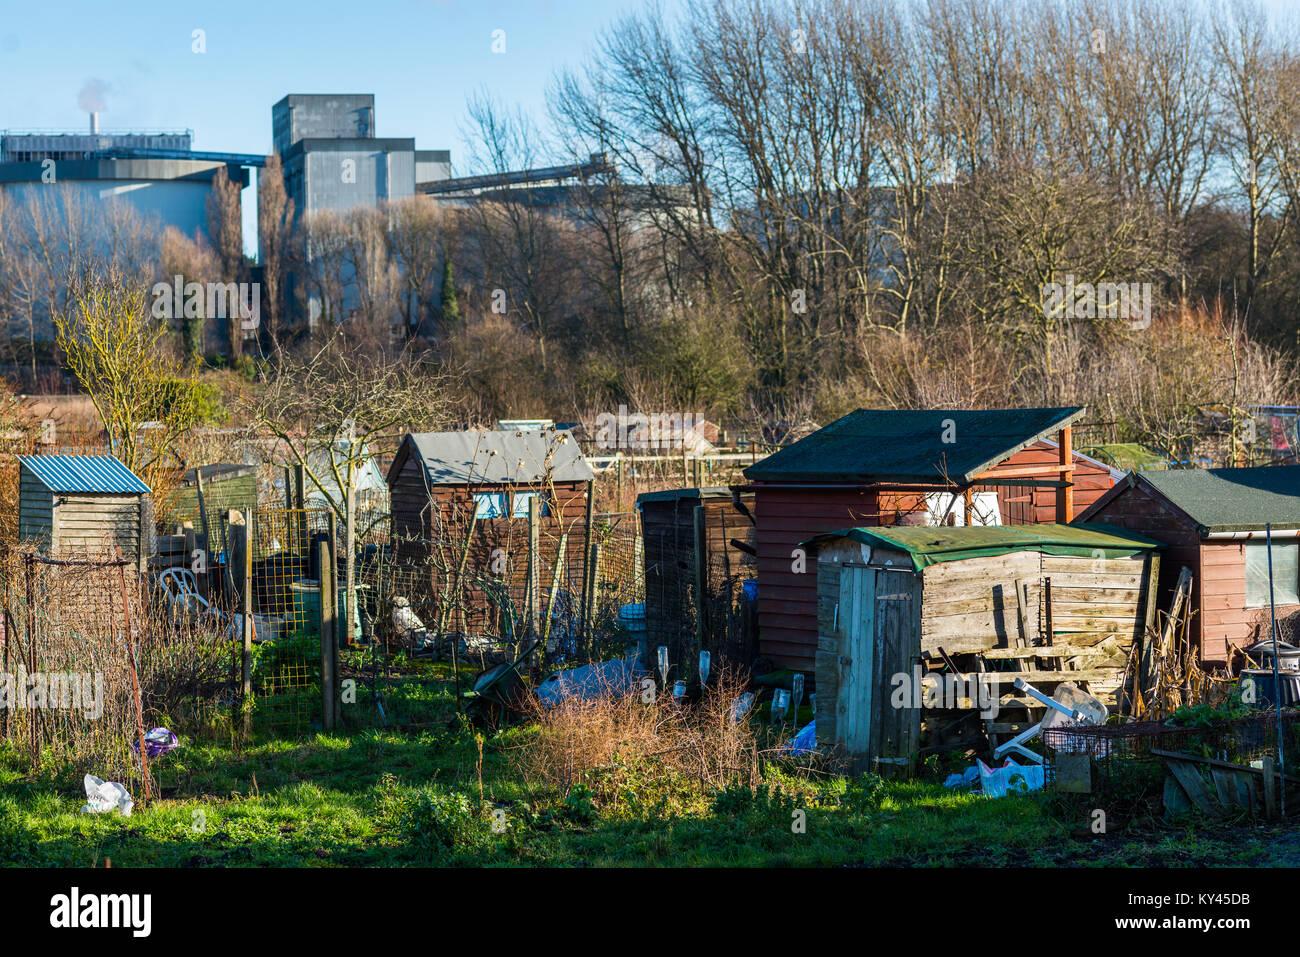 Zuteilungen in Bury St. Edmunds, Suffolk, England, UK. Stockfoto